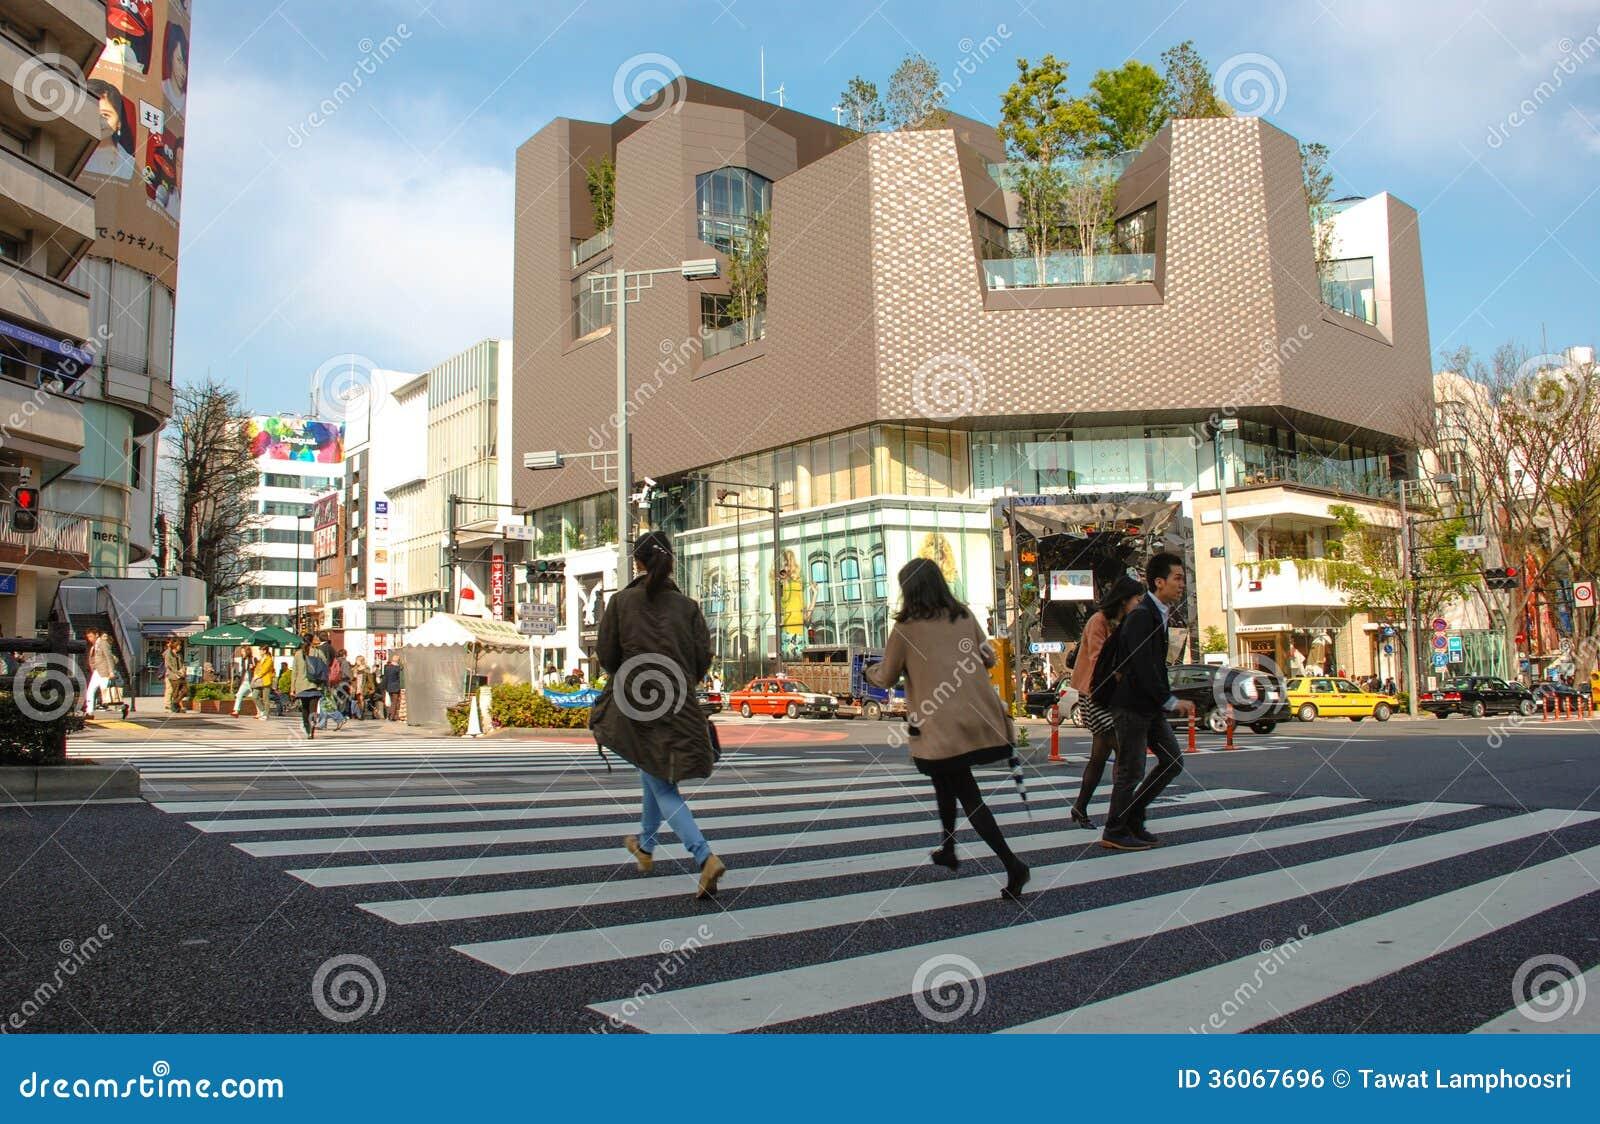 People Shibuya crossing Tokyo Japan